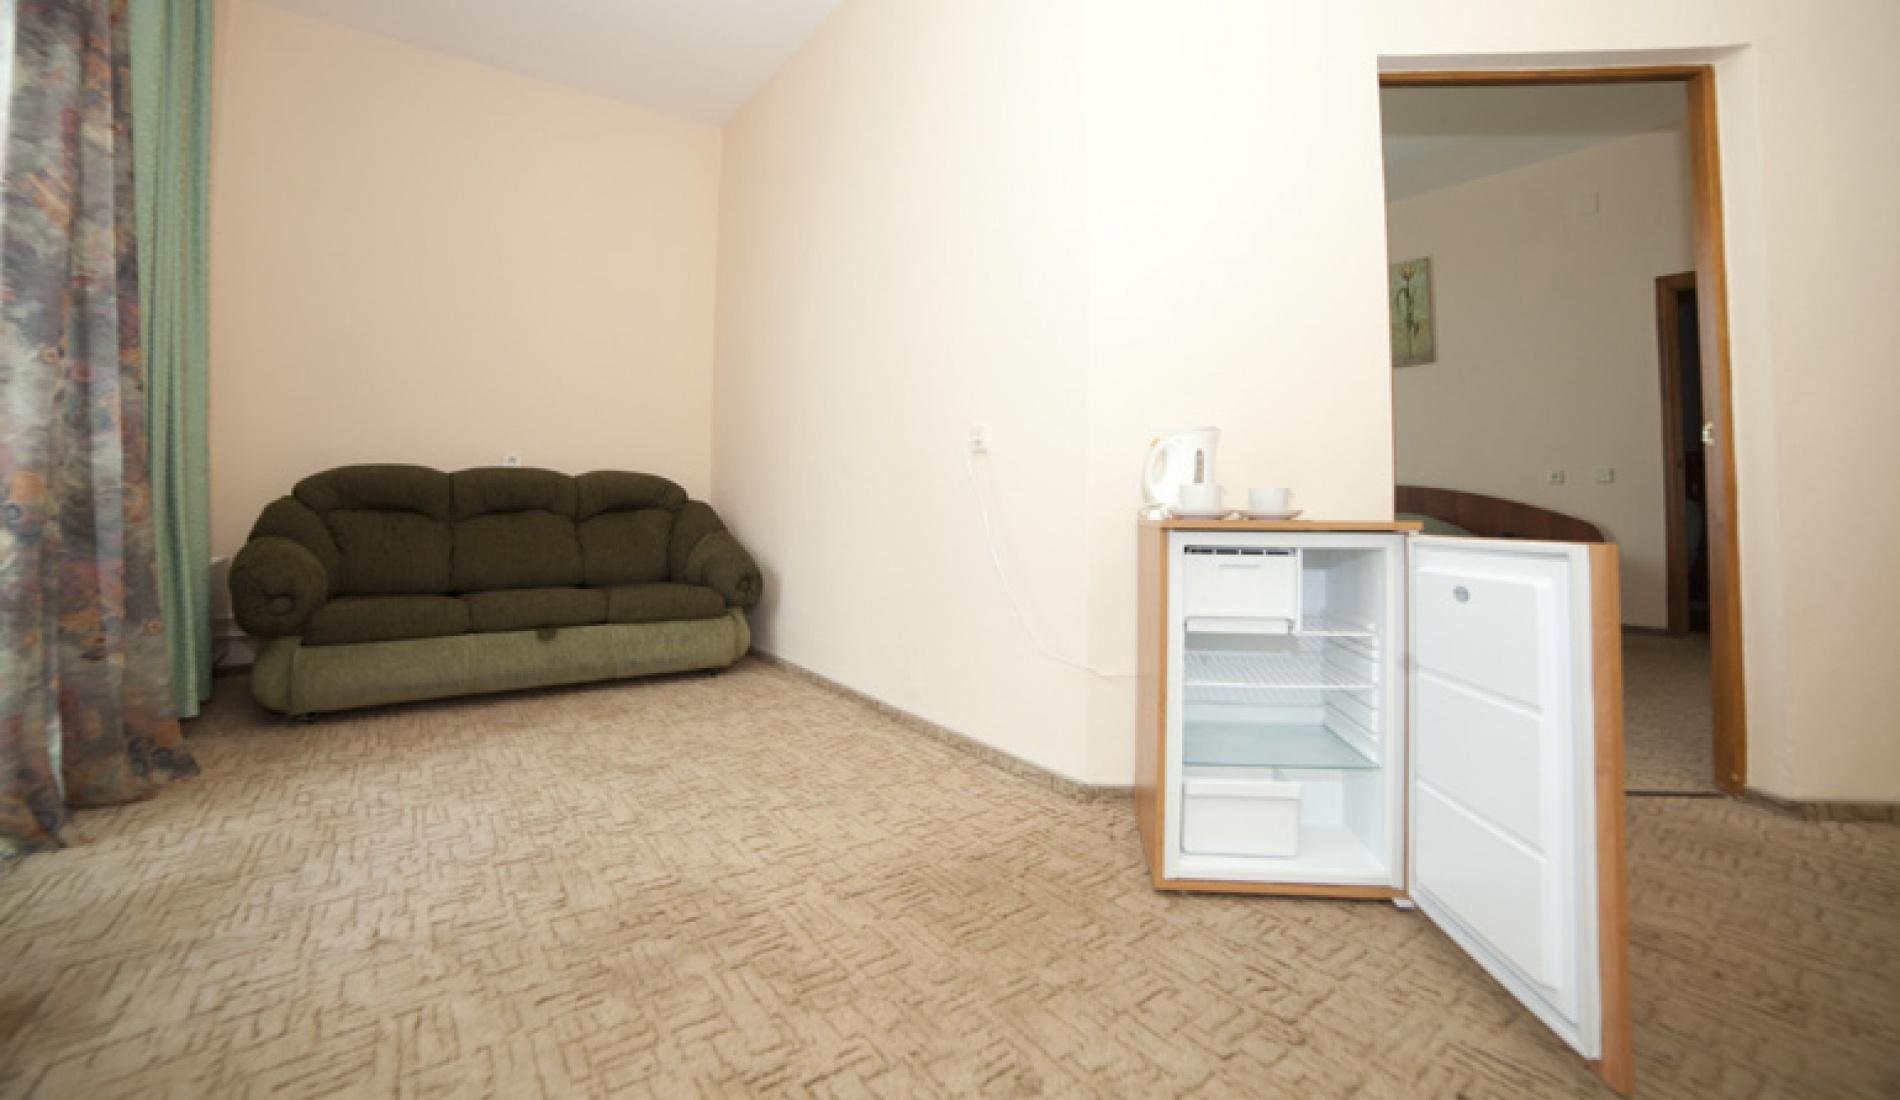 База отдыха «Улыбка» Белгородская область Номер «Люкс 2-комнатный с джакузи» в коттедже, фото 3